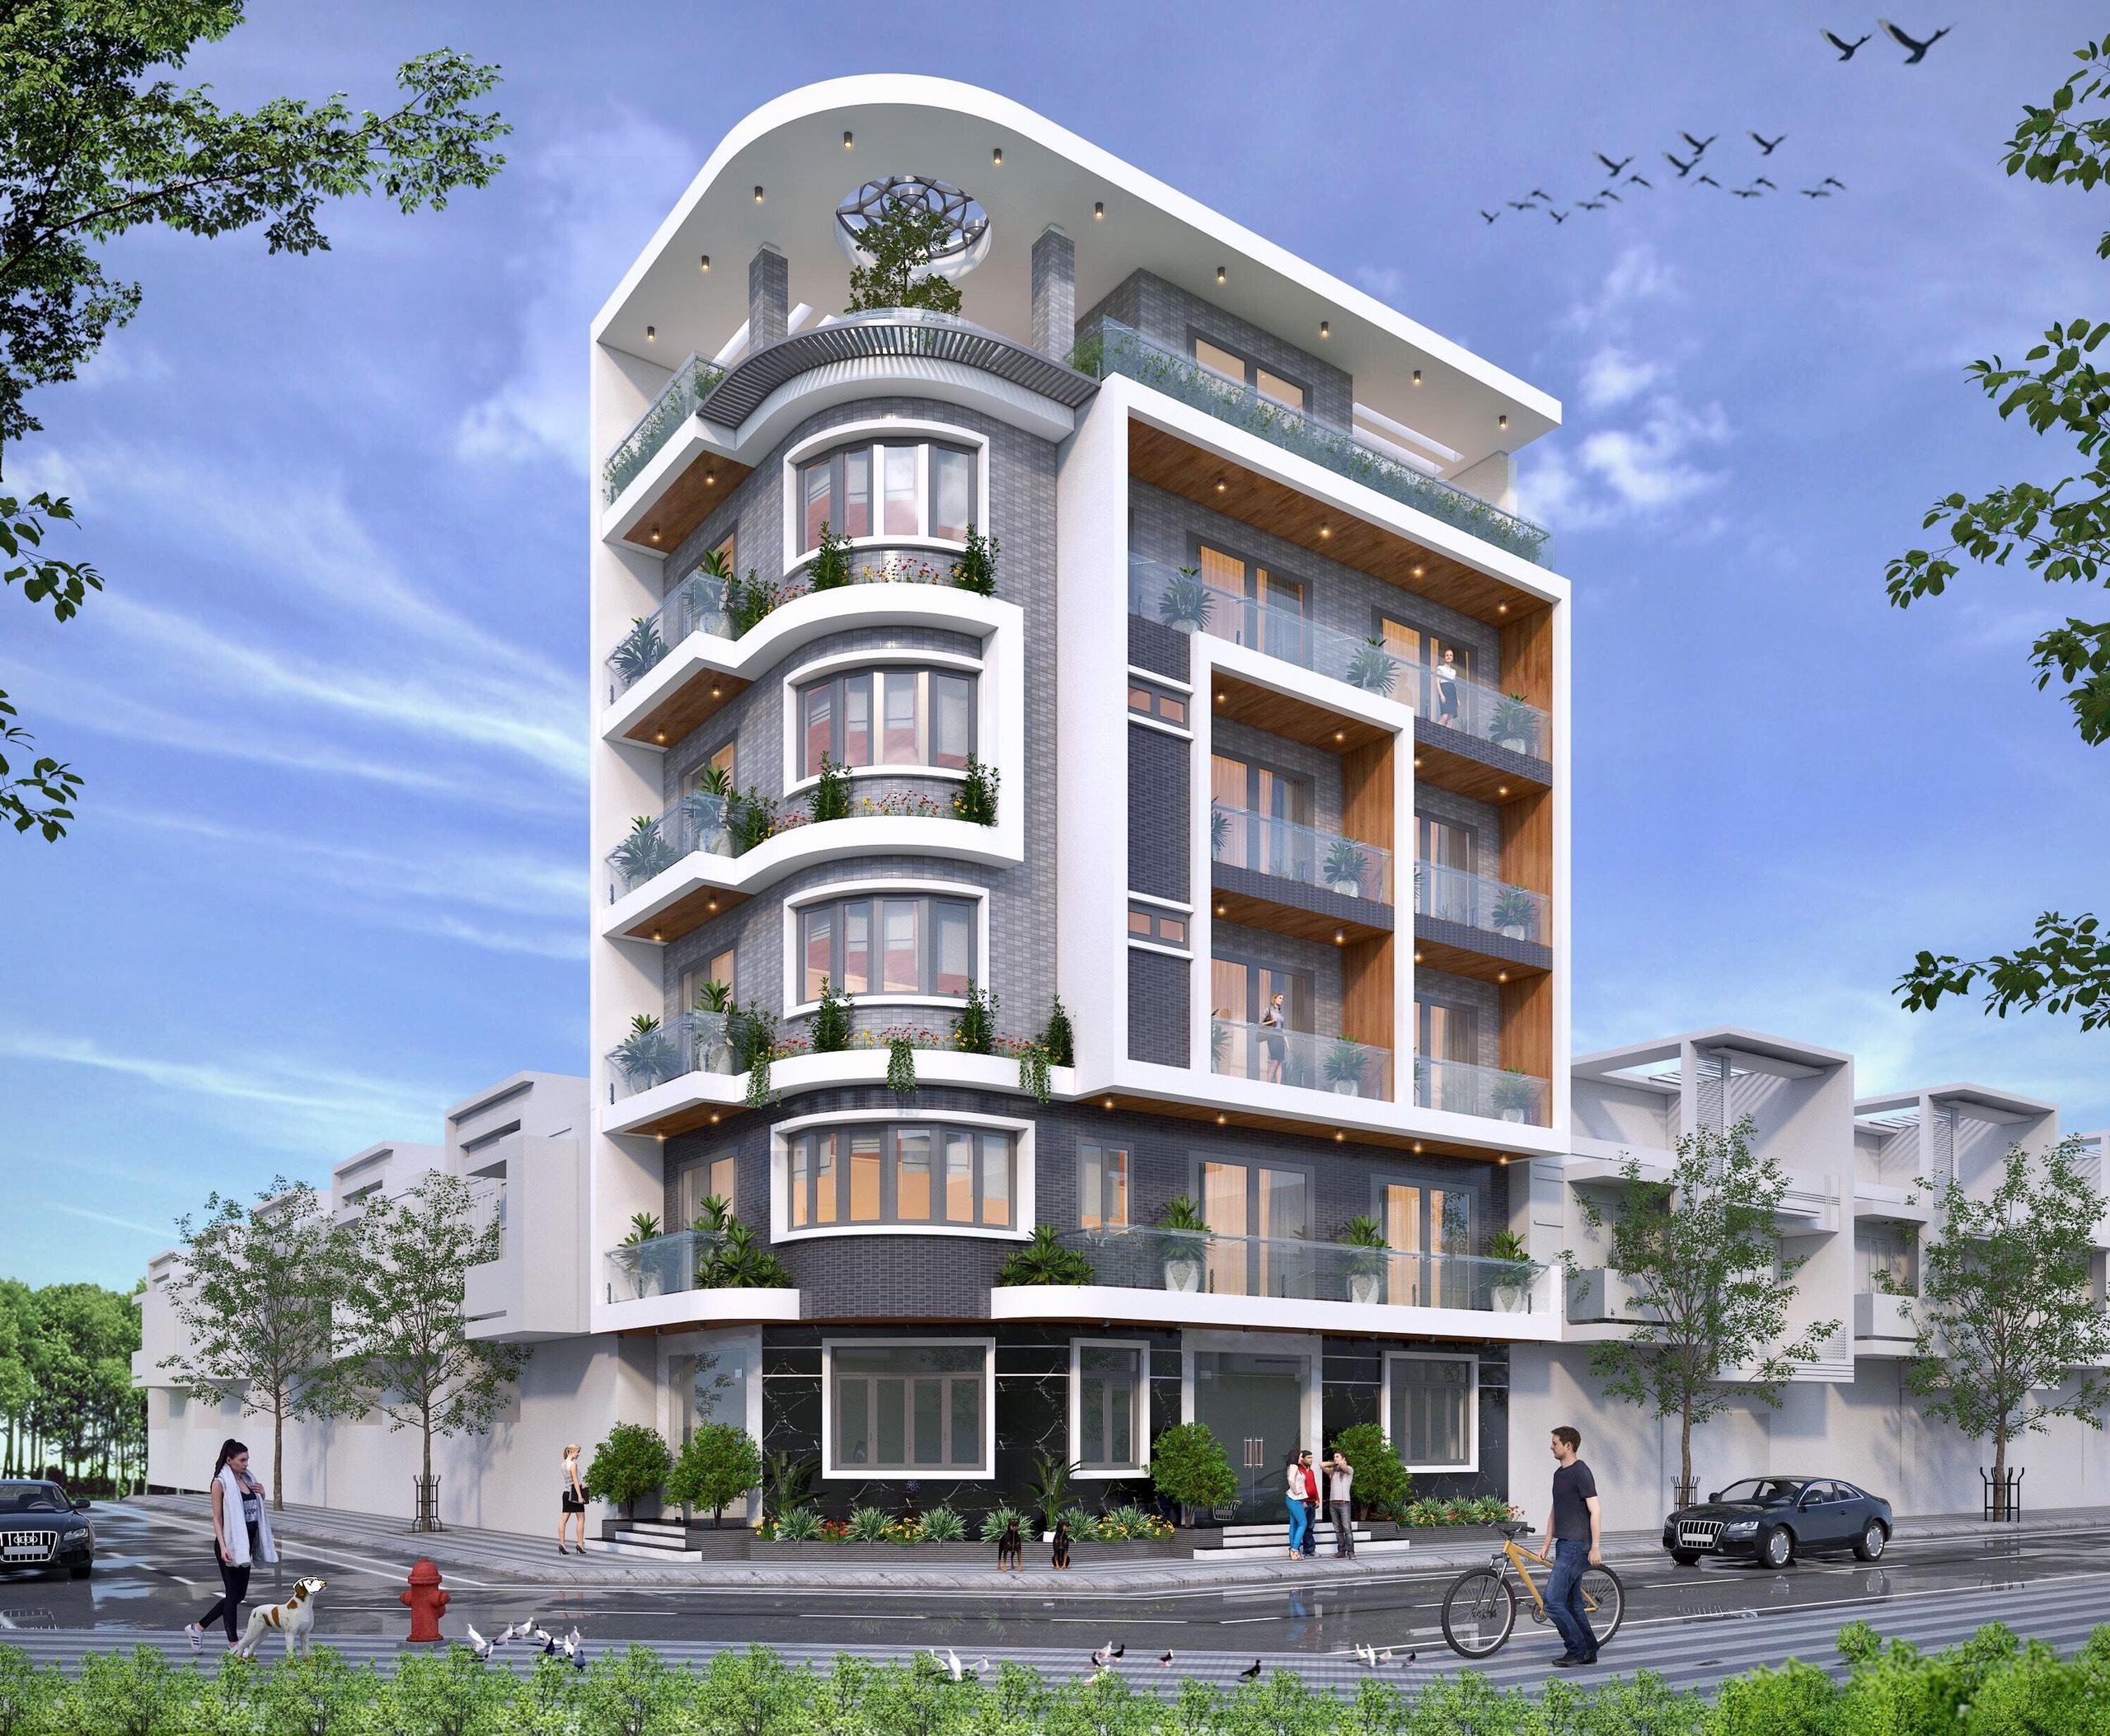 Thiết kế lô phố hiện đại 6 tầng tại Đông Anh